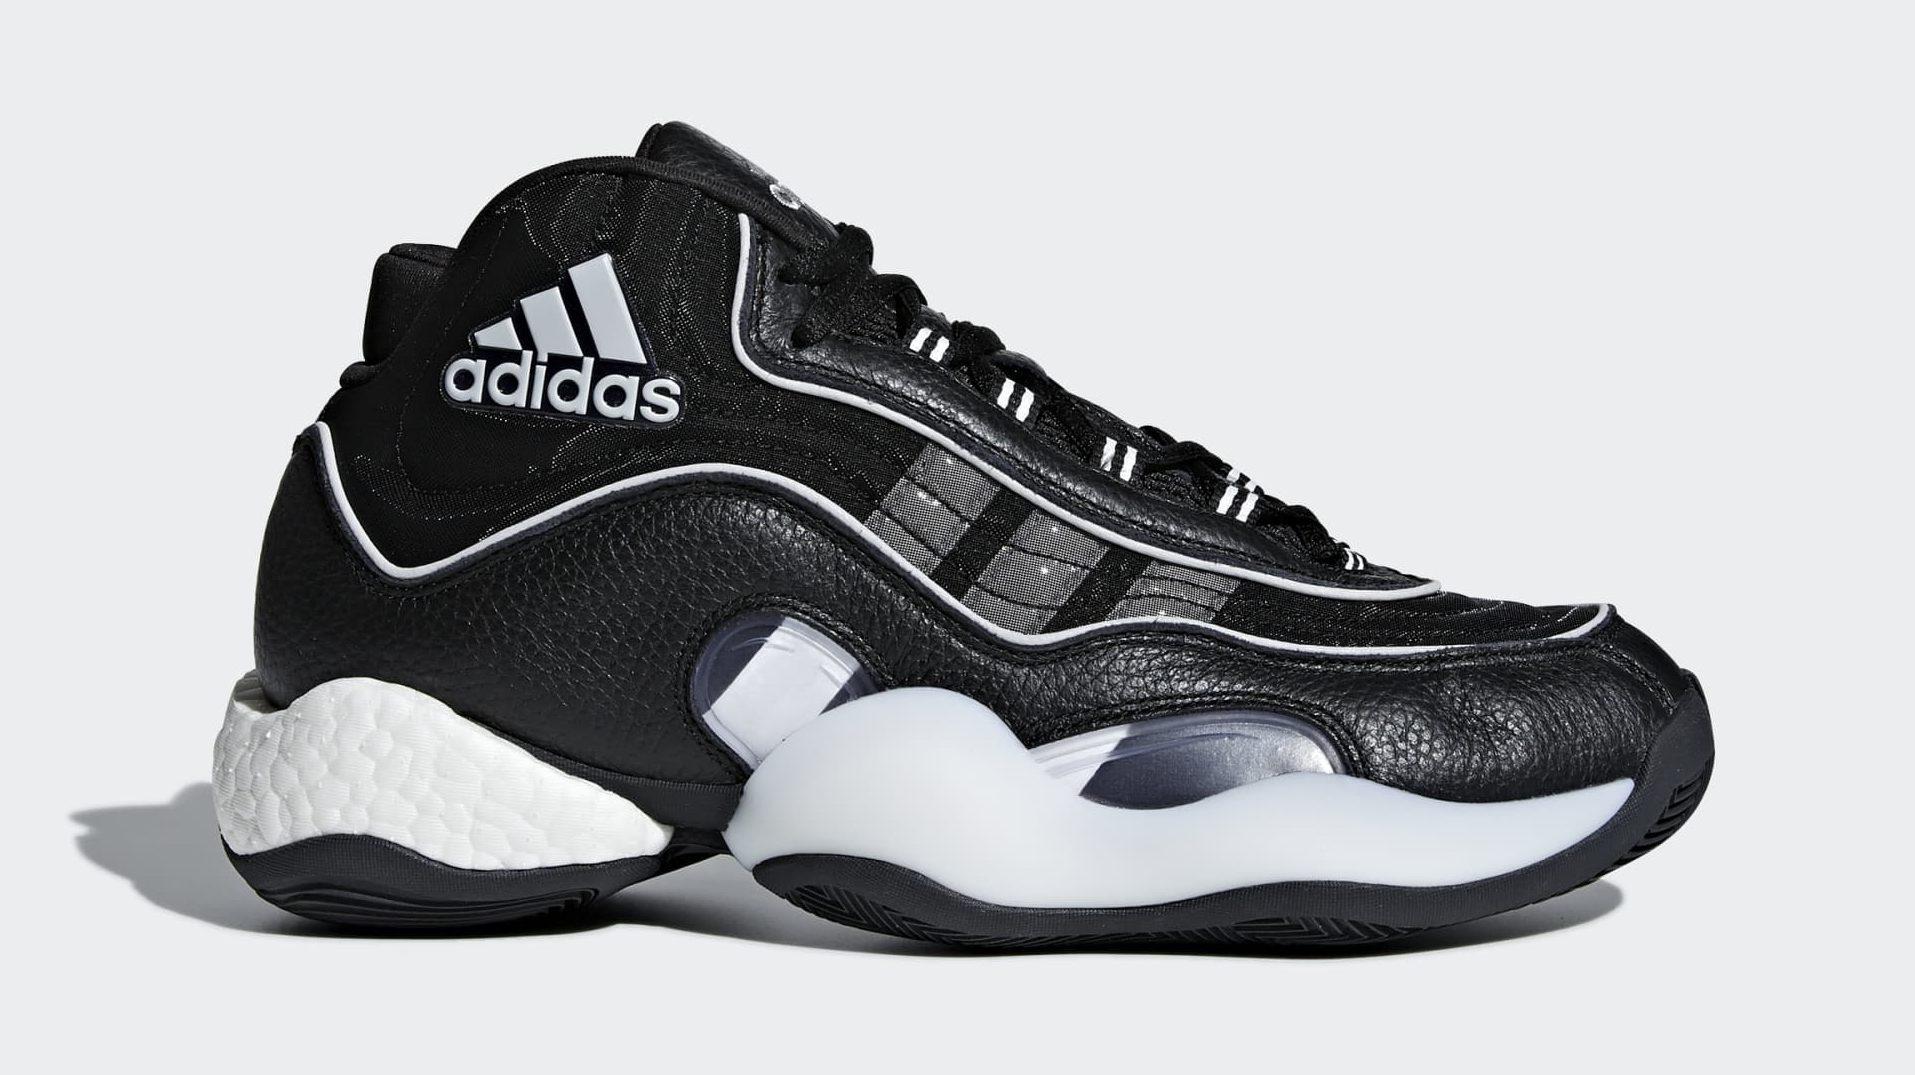 Adidas Updates Kobe Bryant's Signature